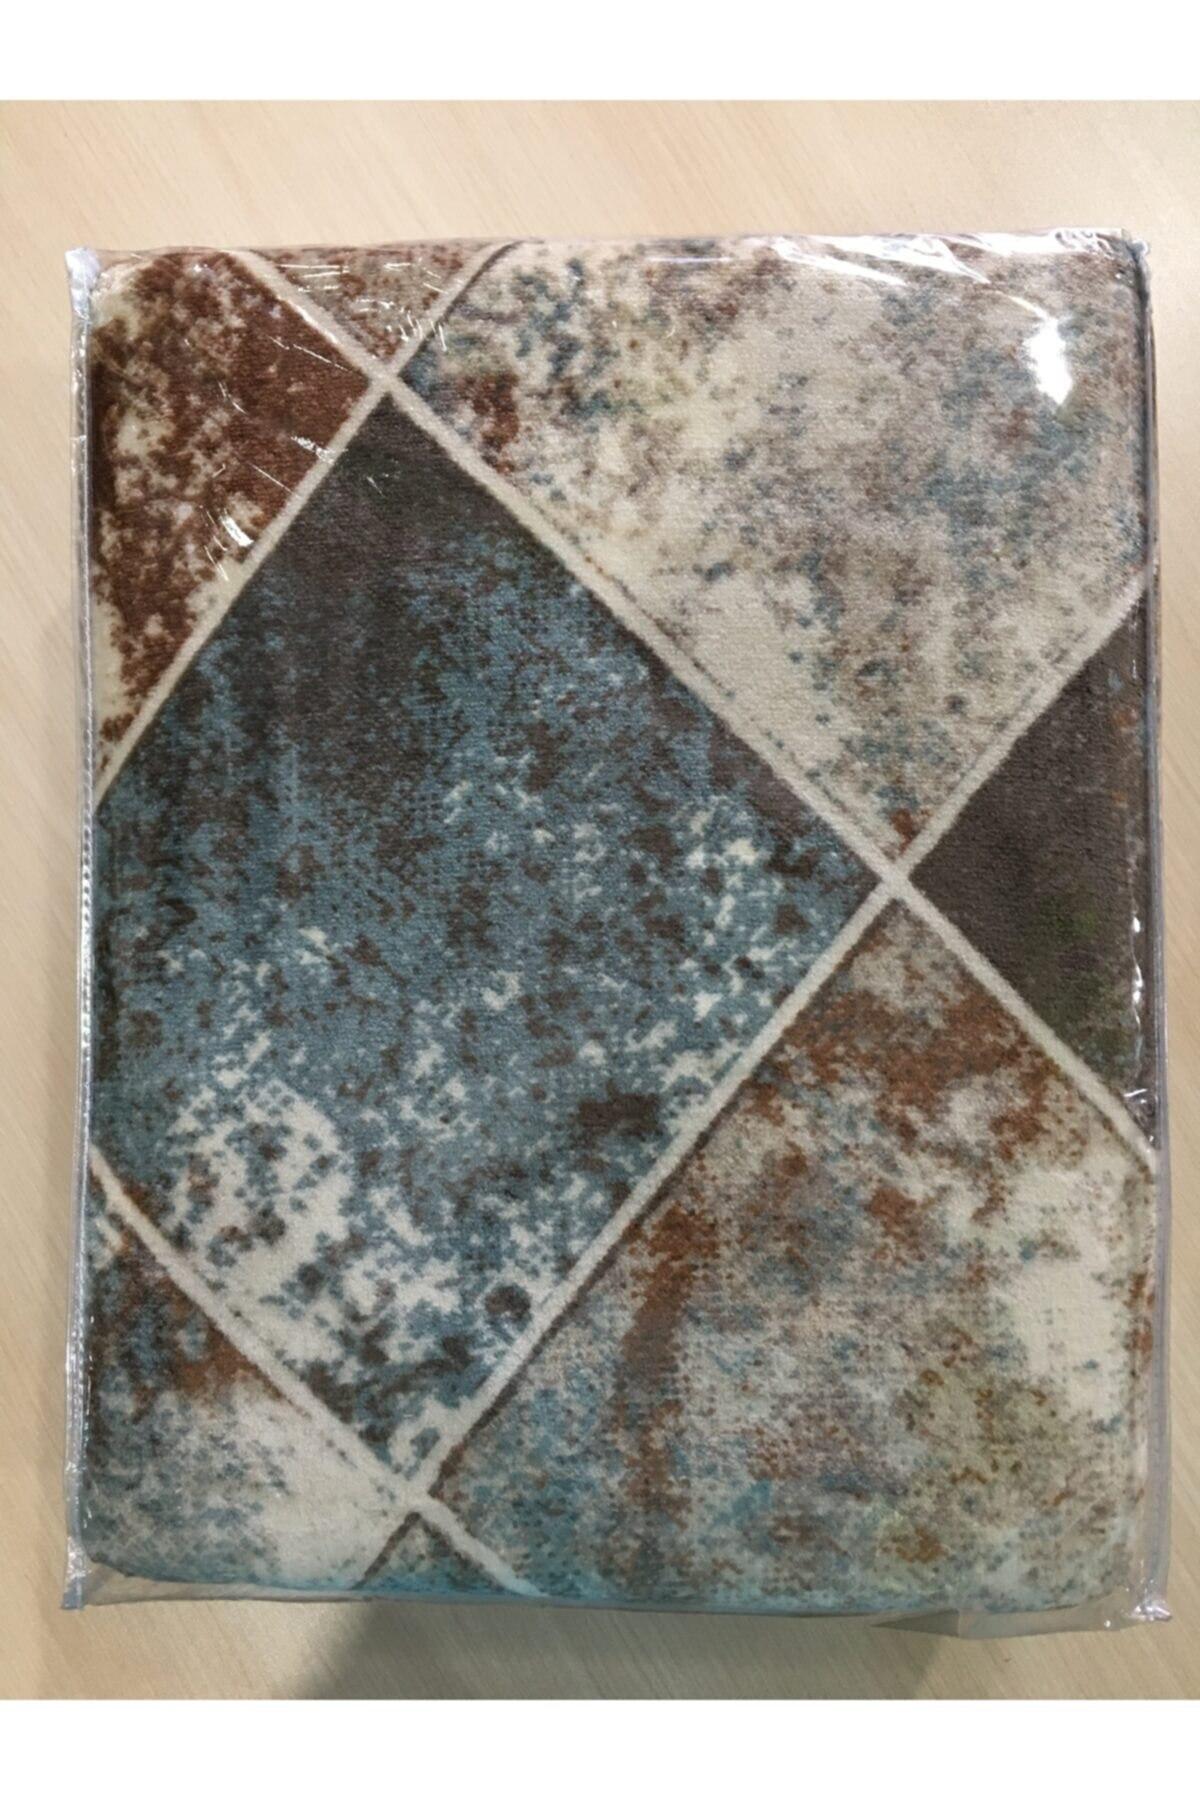 ديكور المنزل غطاء للسجاد السجاد متر مربع سميكة المخملية السجاد غطاء